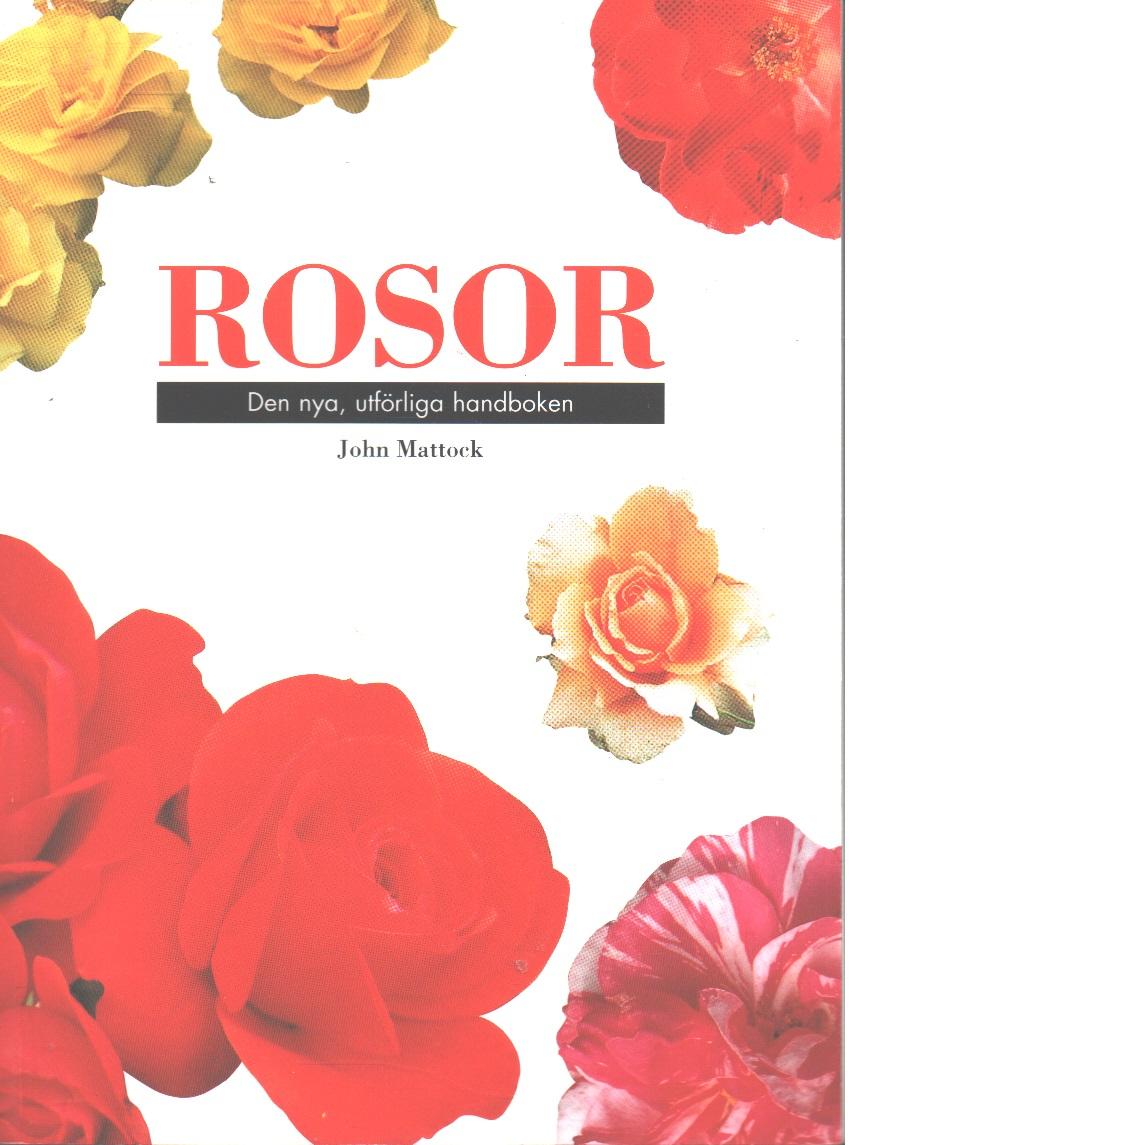 Rosor : den nya, utförliga handboken - Mattock, John